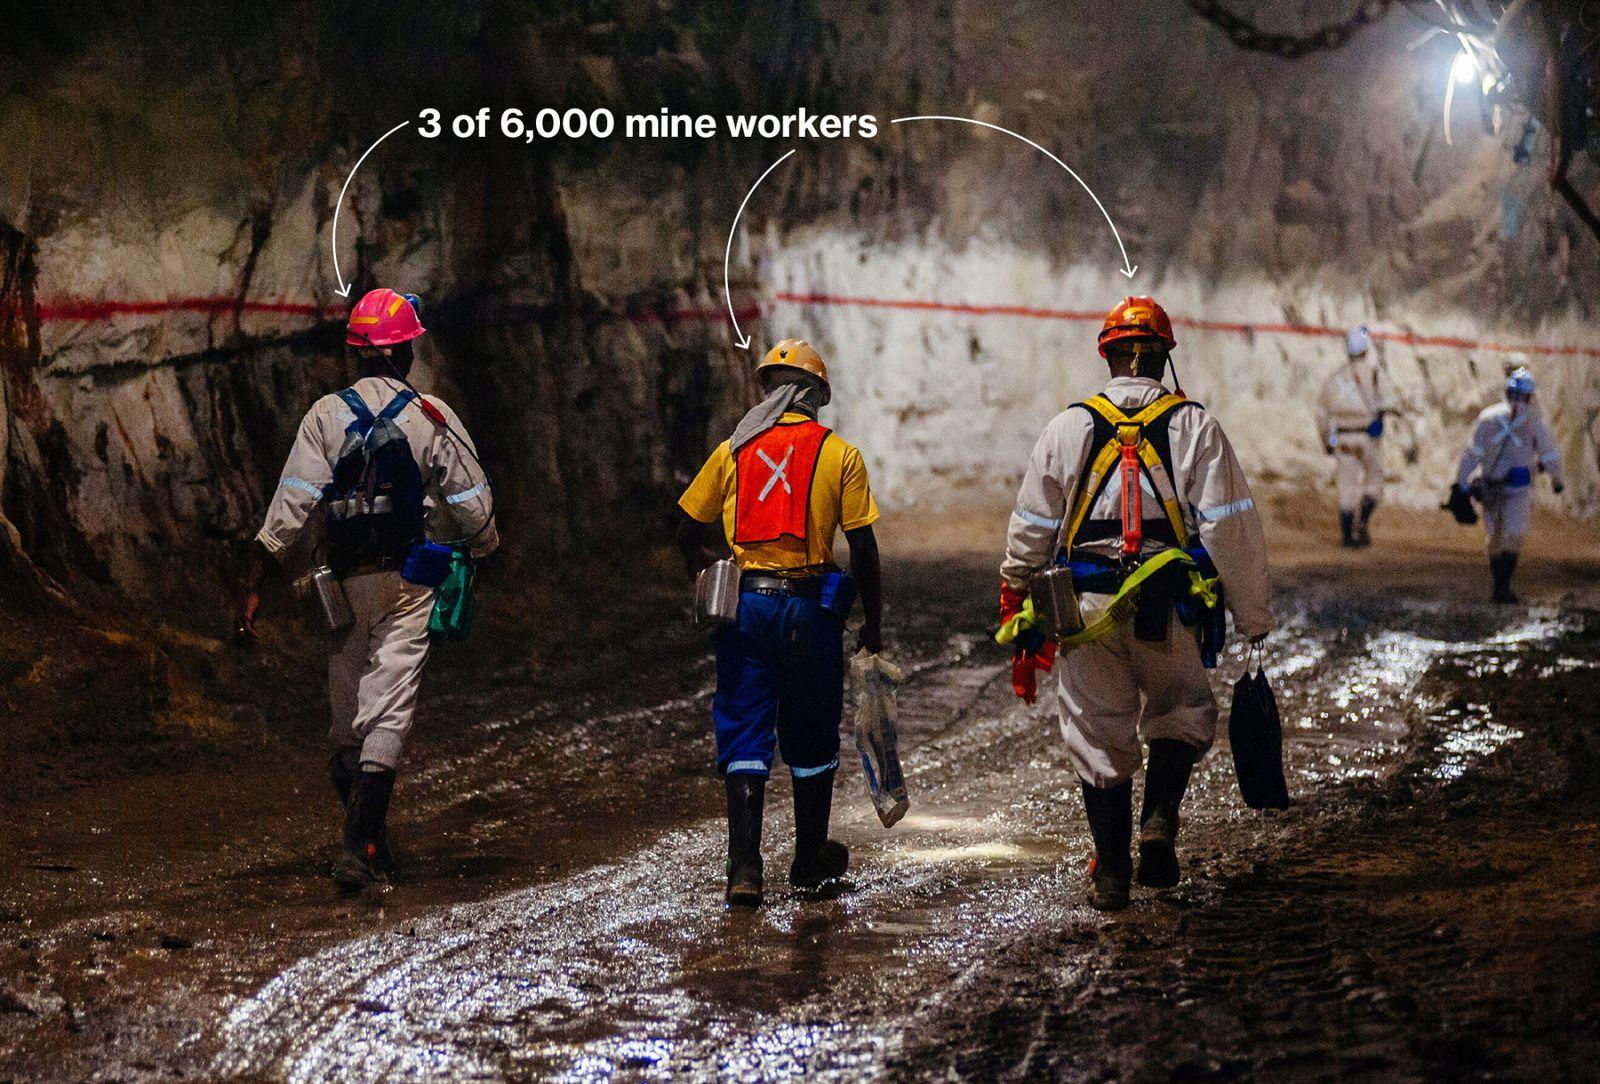 在深入地表工作,工人們冒著極大的生命危險。 已經有23人在Gold Fields金礦事故中遇難,僅2008年電梯電纜故障就造成9人死亡。